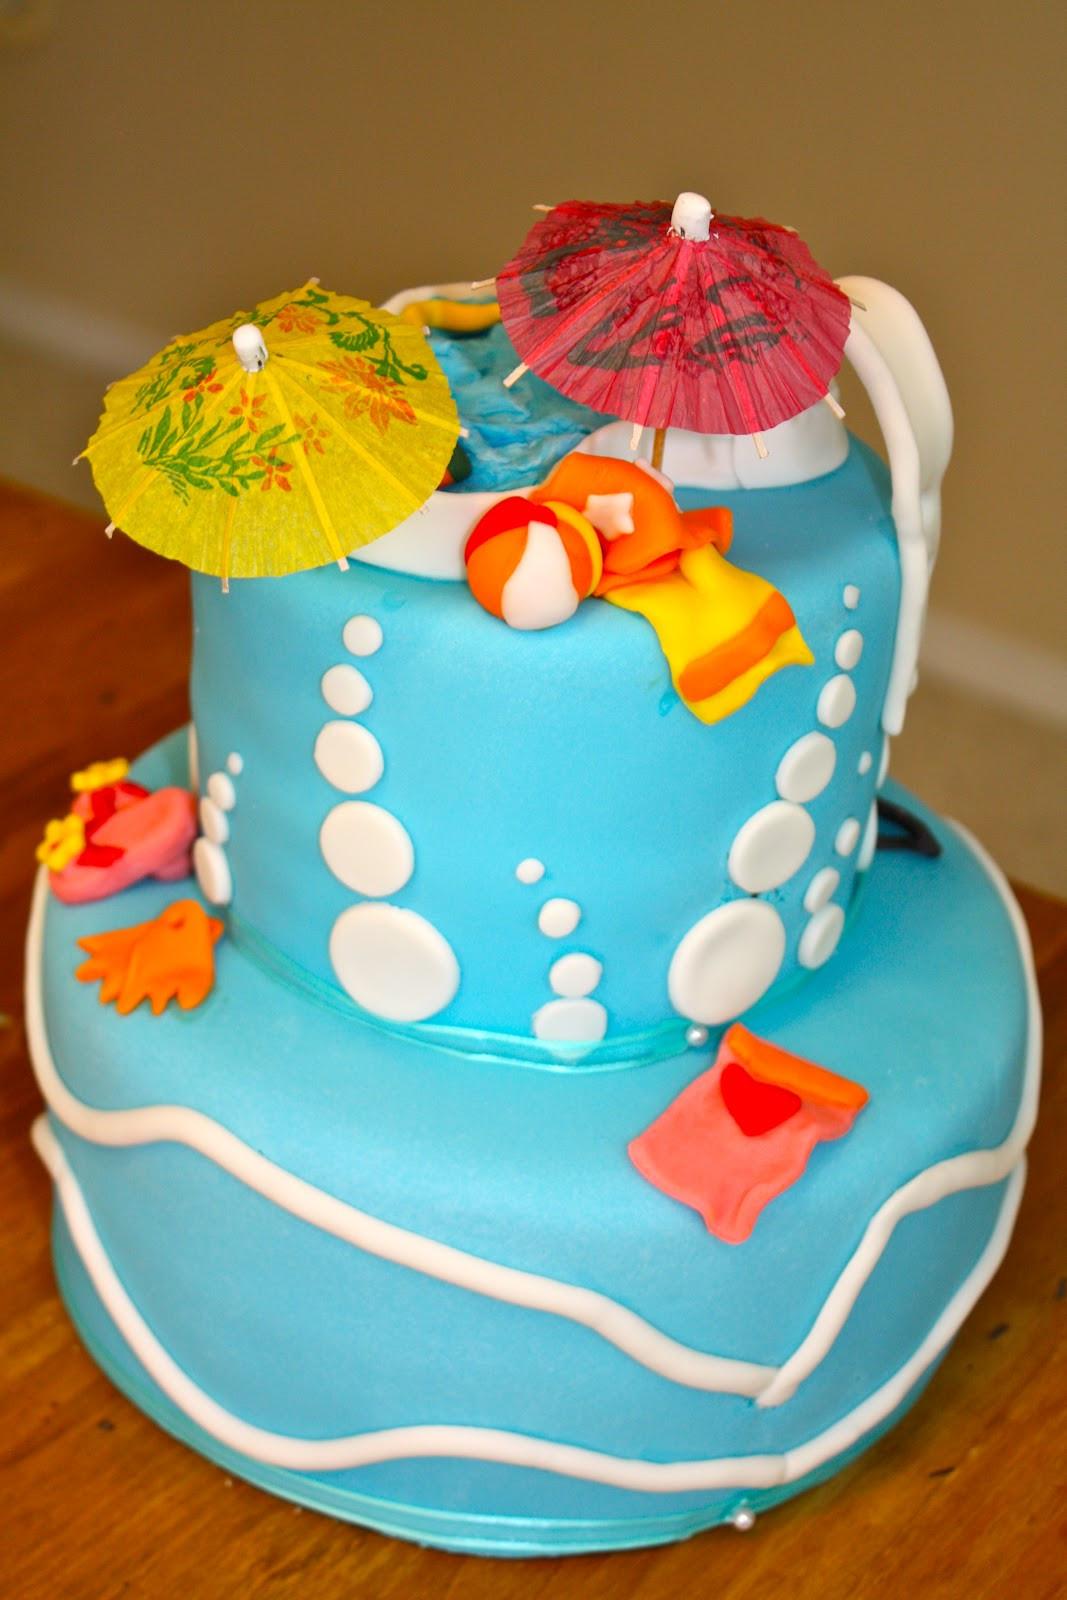 Pool Party Birthday Cakes Ideas  bumble cakes Summer Pool Party Birthday Cake